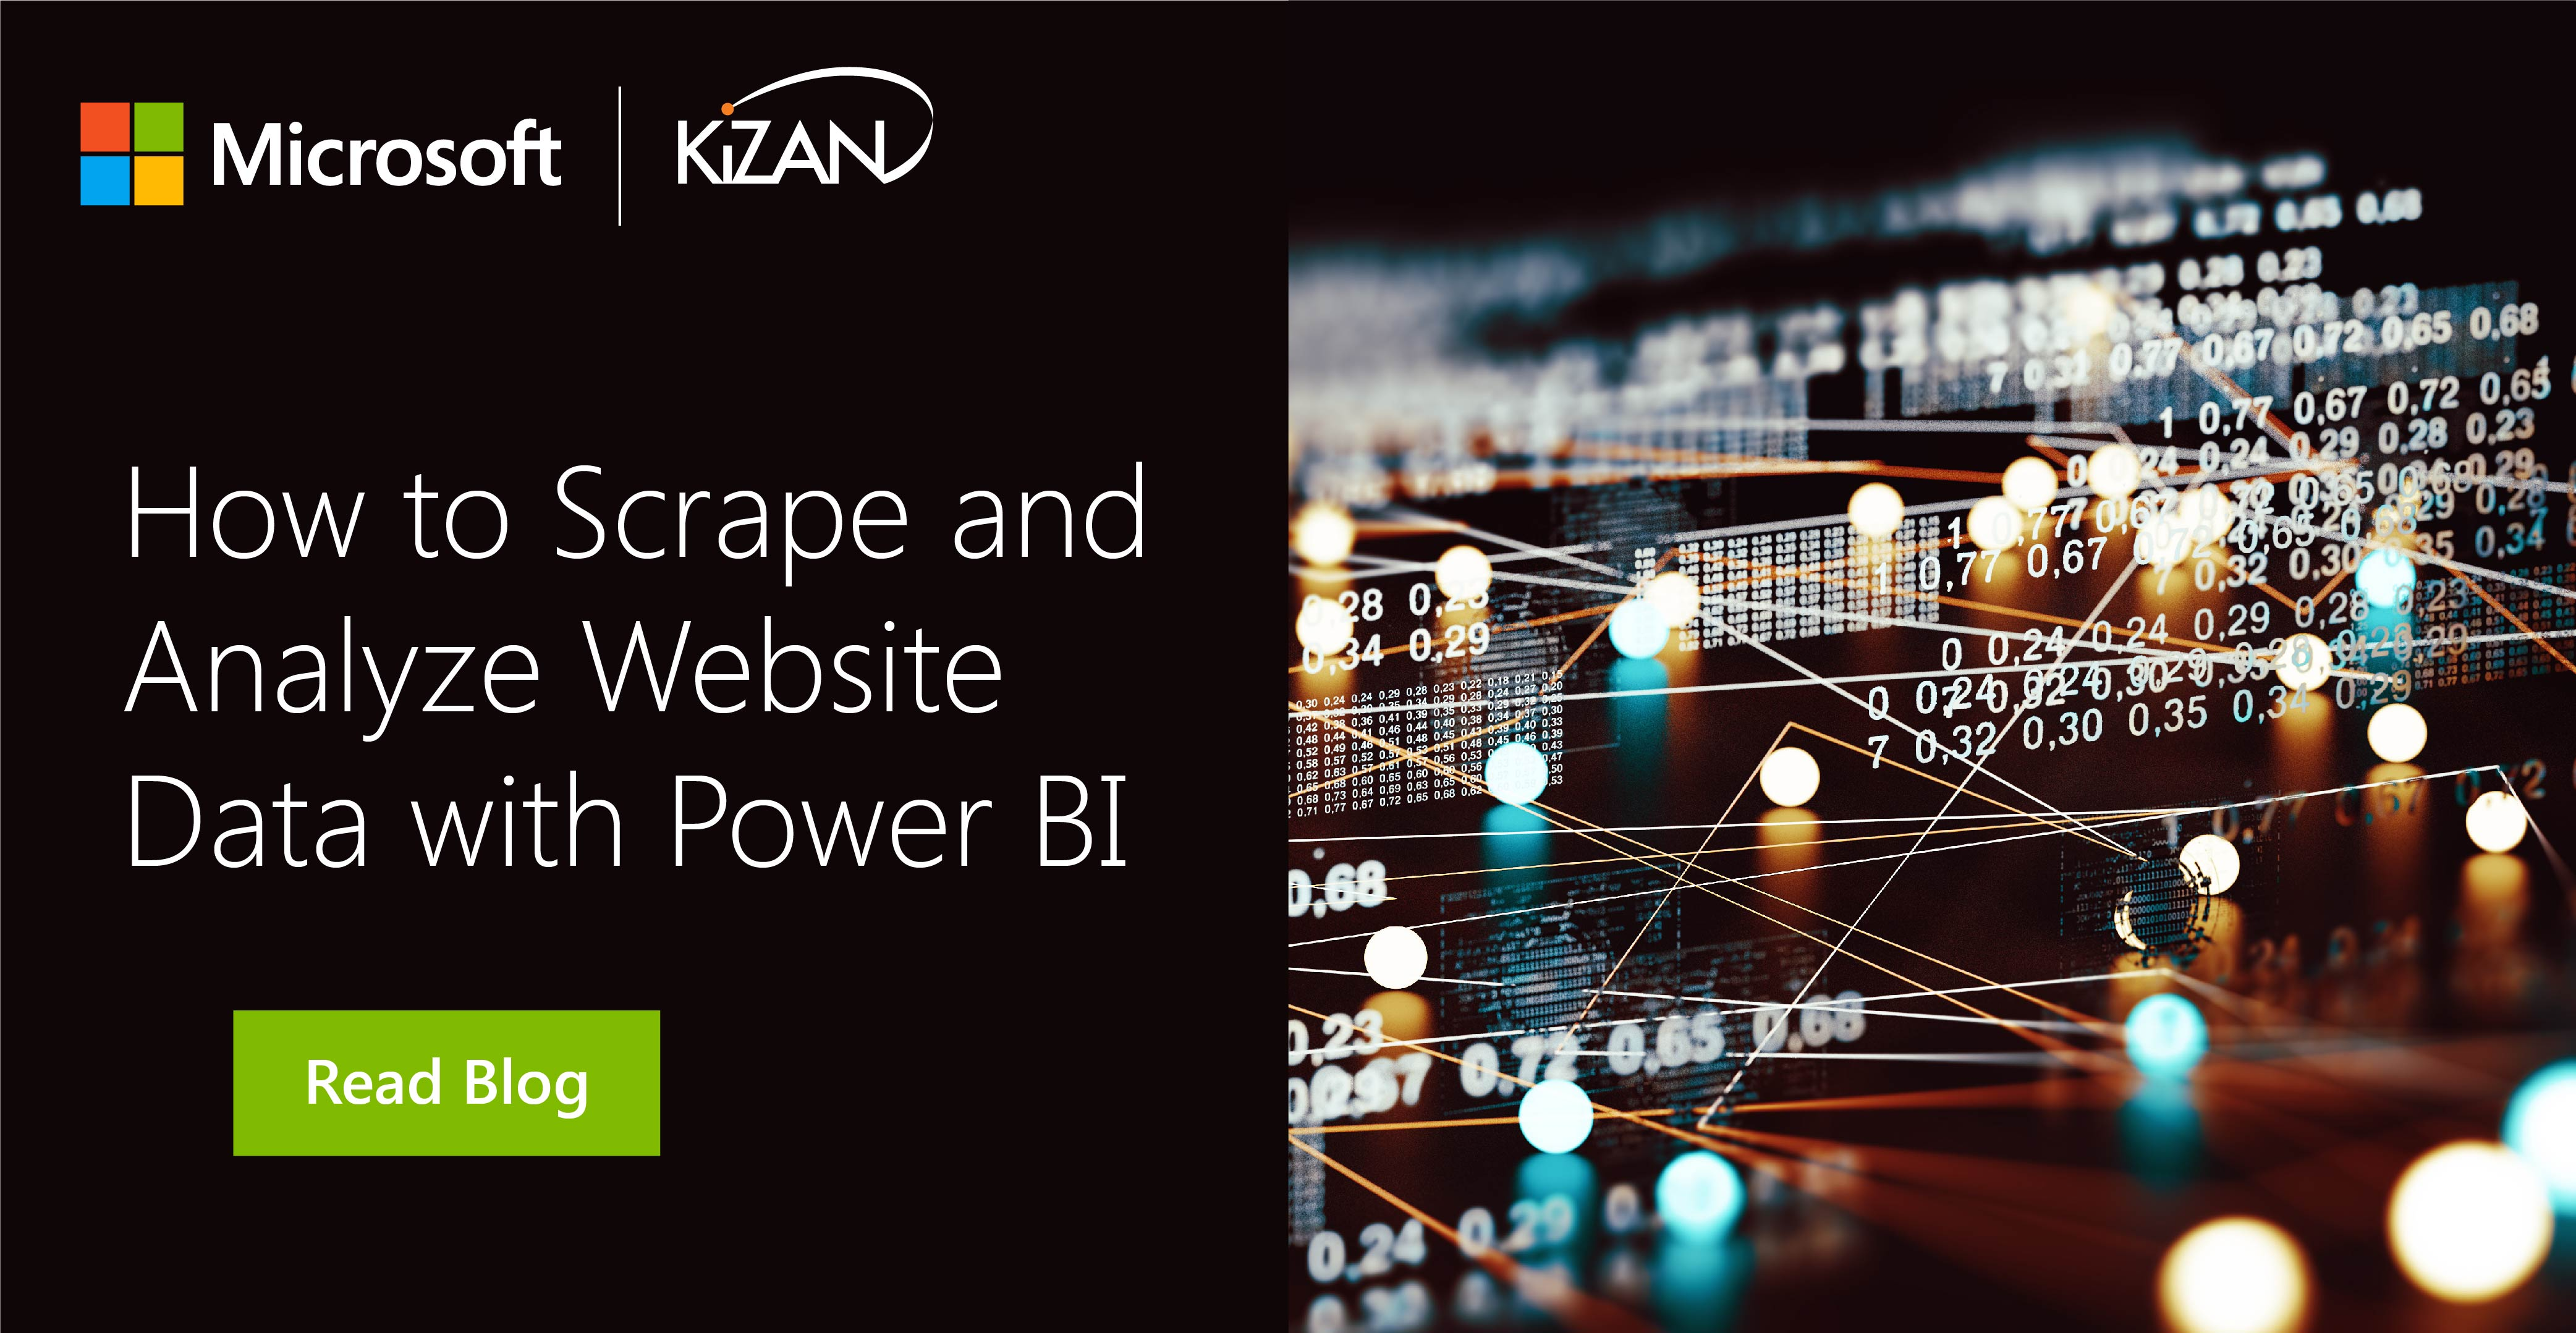 KiZAN Power BI Blog